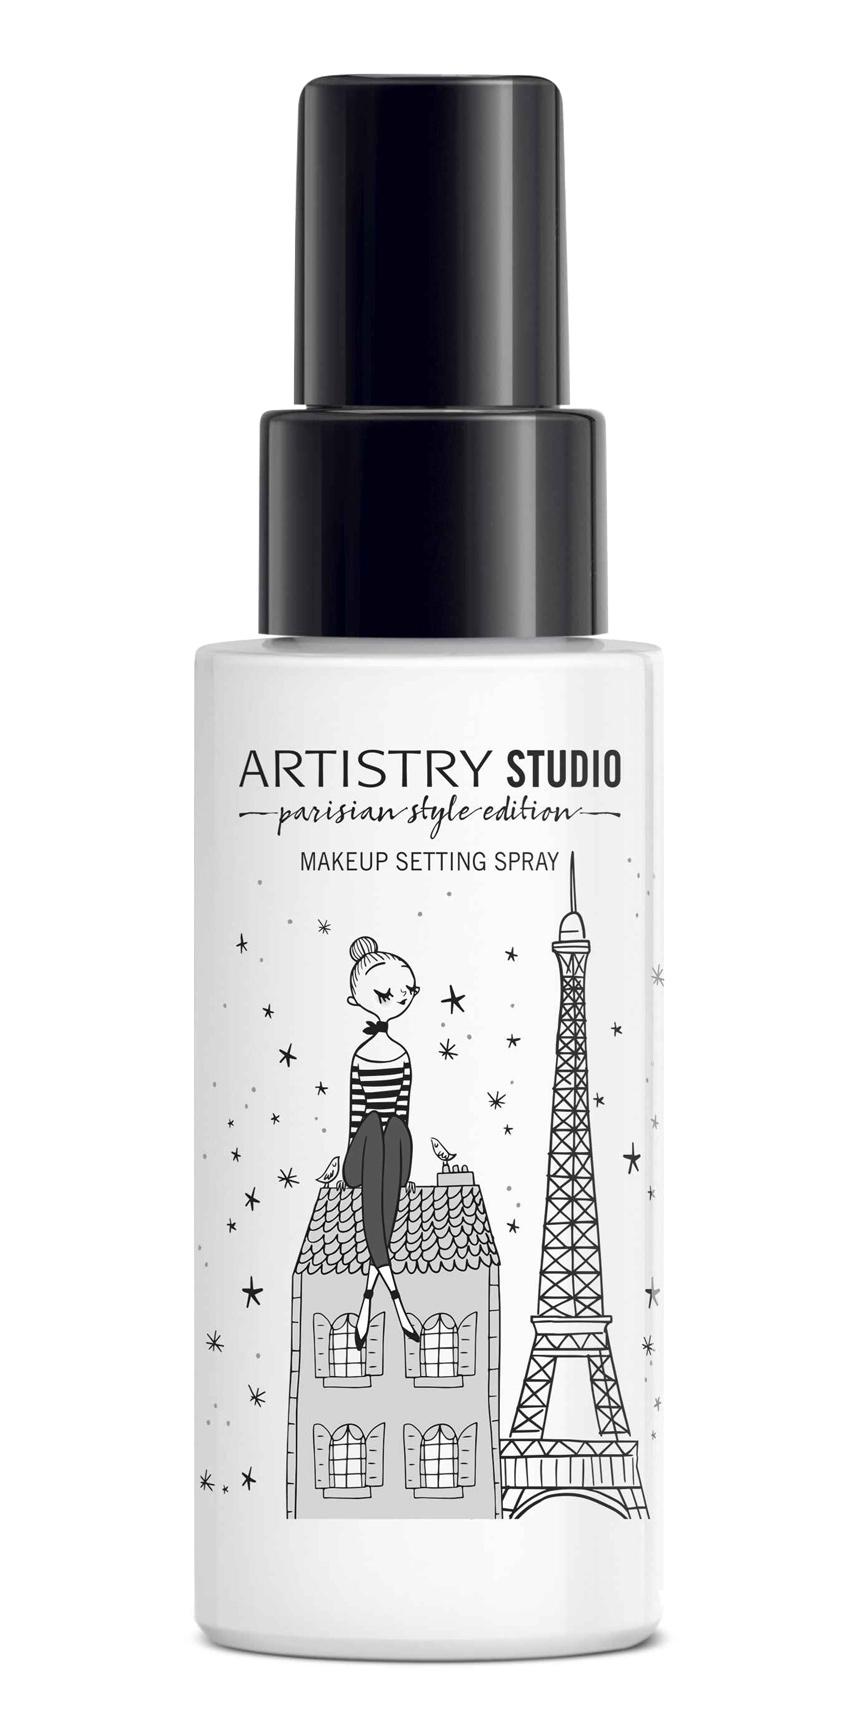 спрей для фиксации макияжа Artistry Studio Parisian Style Edition